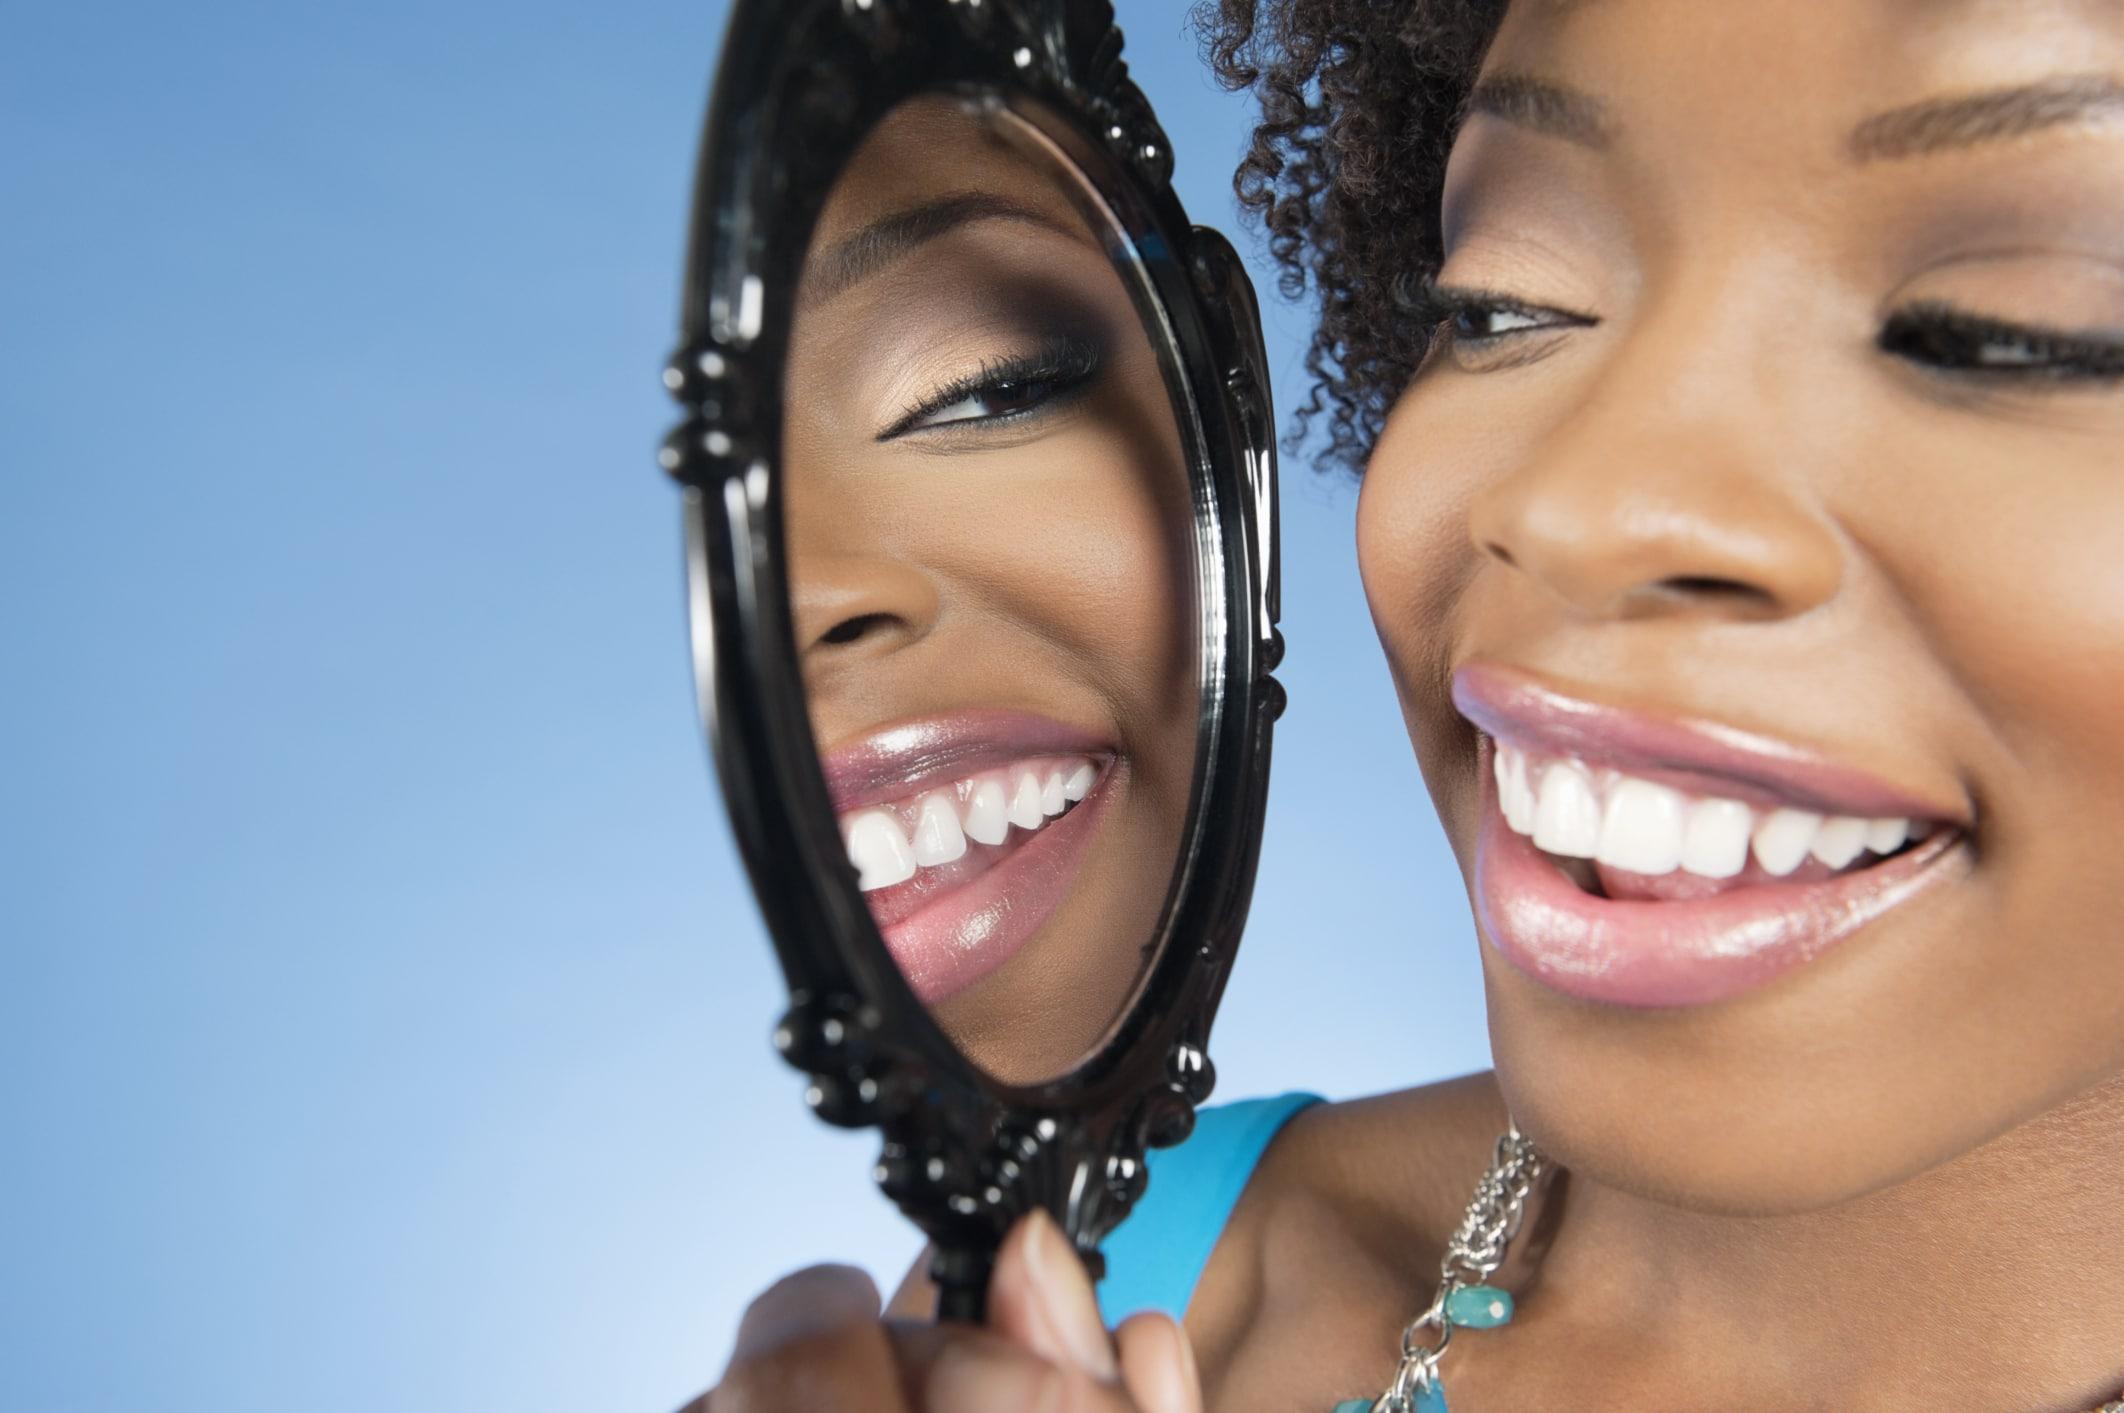 Dental crowns help patients keep their natural teeth